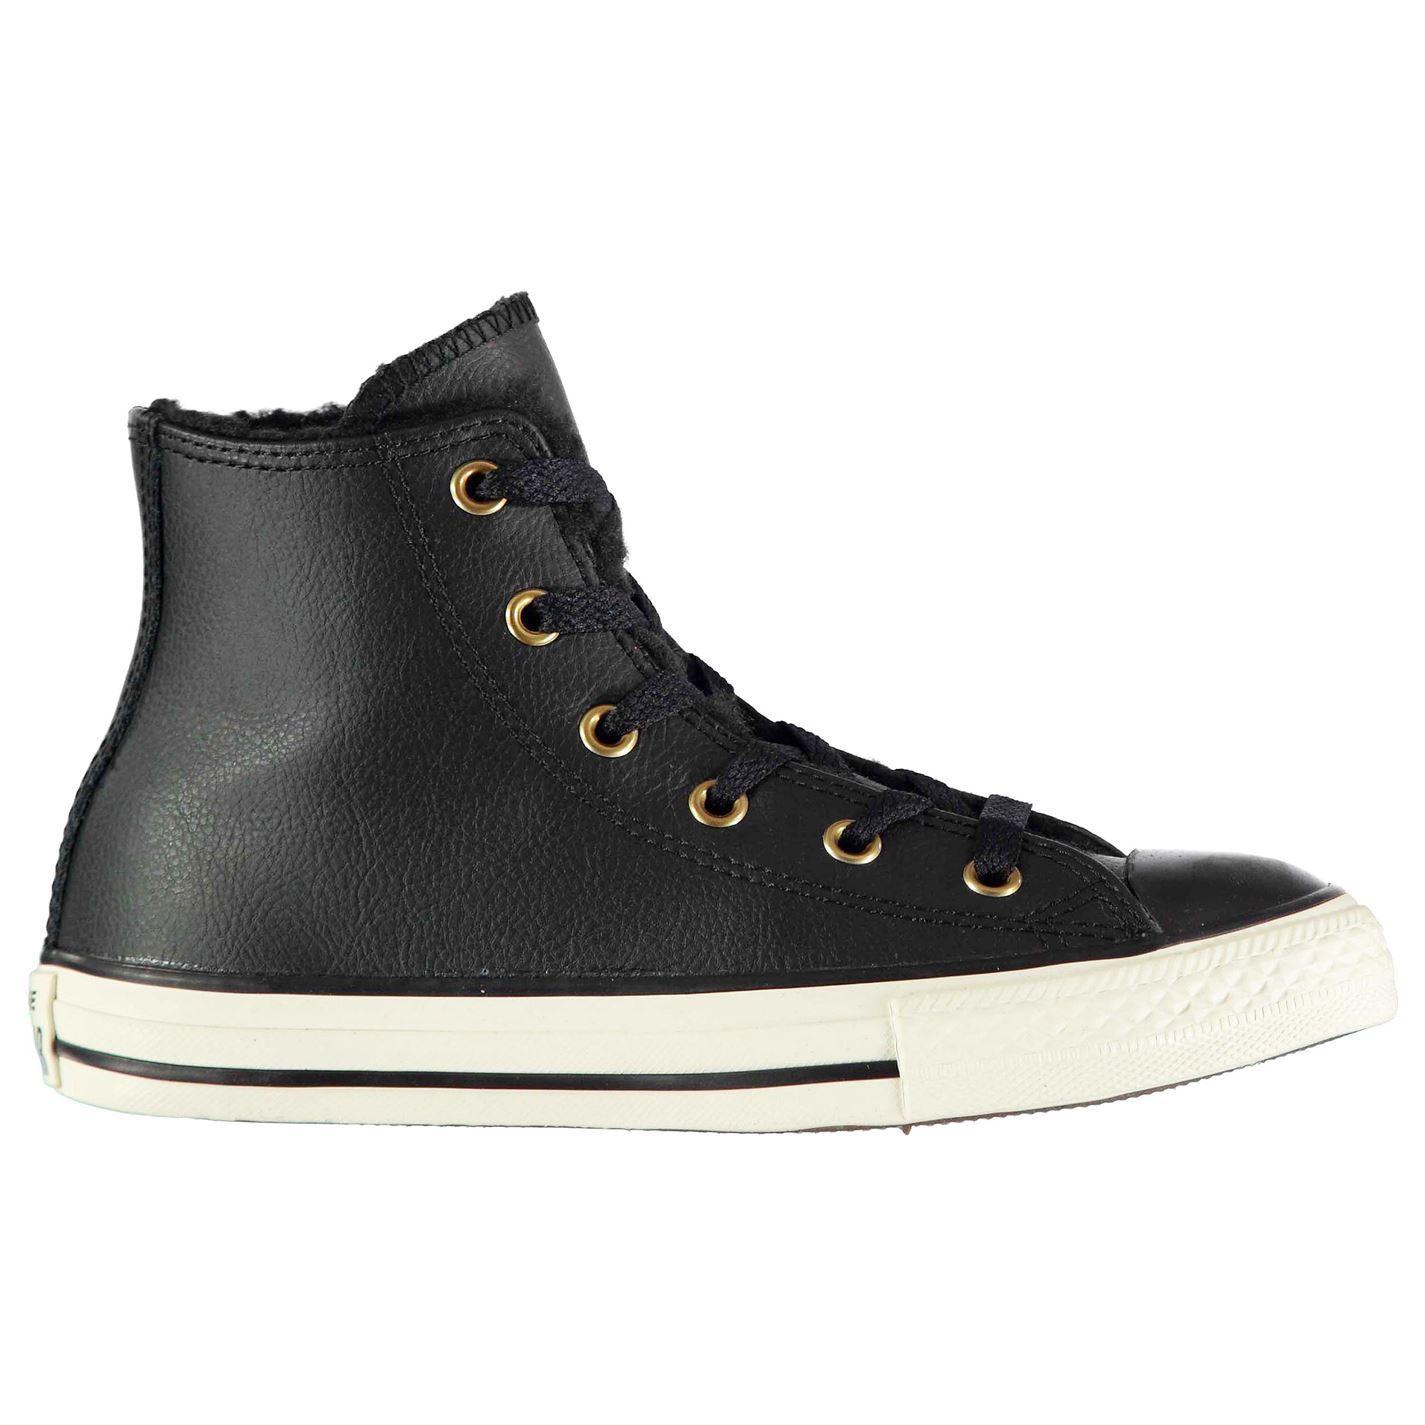 eb8f77e135b73 ... Sherling CONVERSE Hi Top ragazze scarpe nero scarpe ...